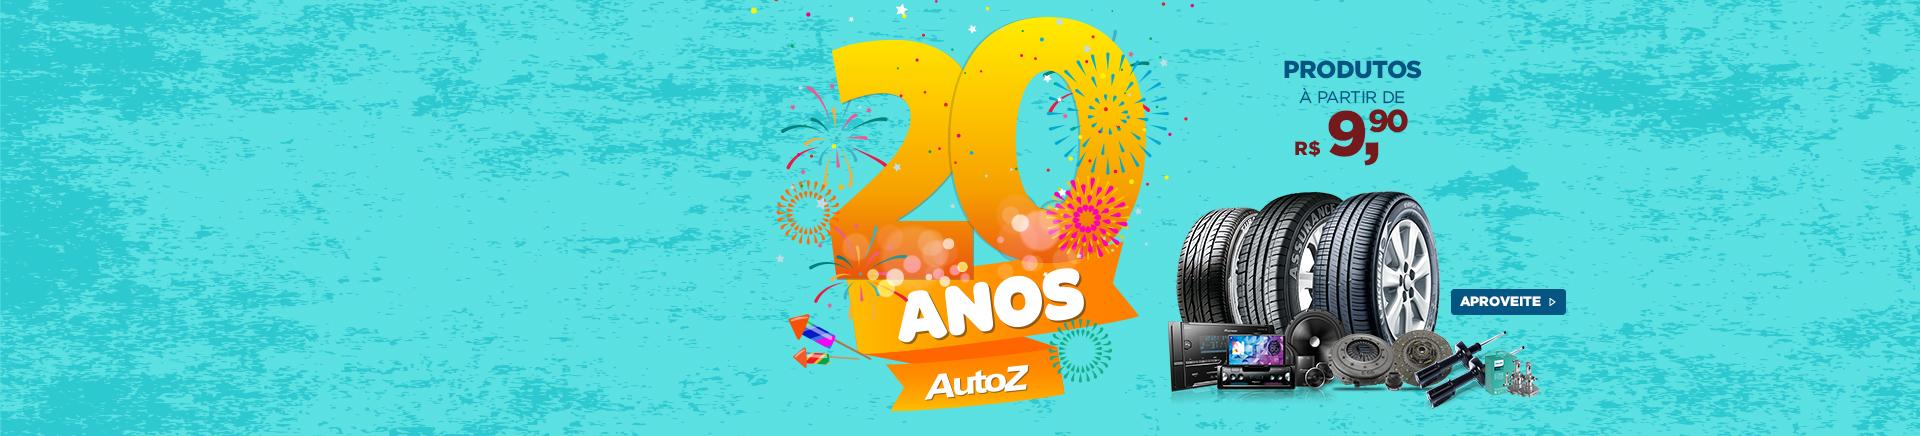 Aniversario AutoZ